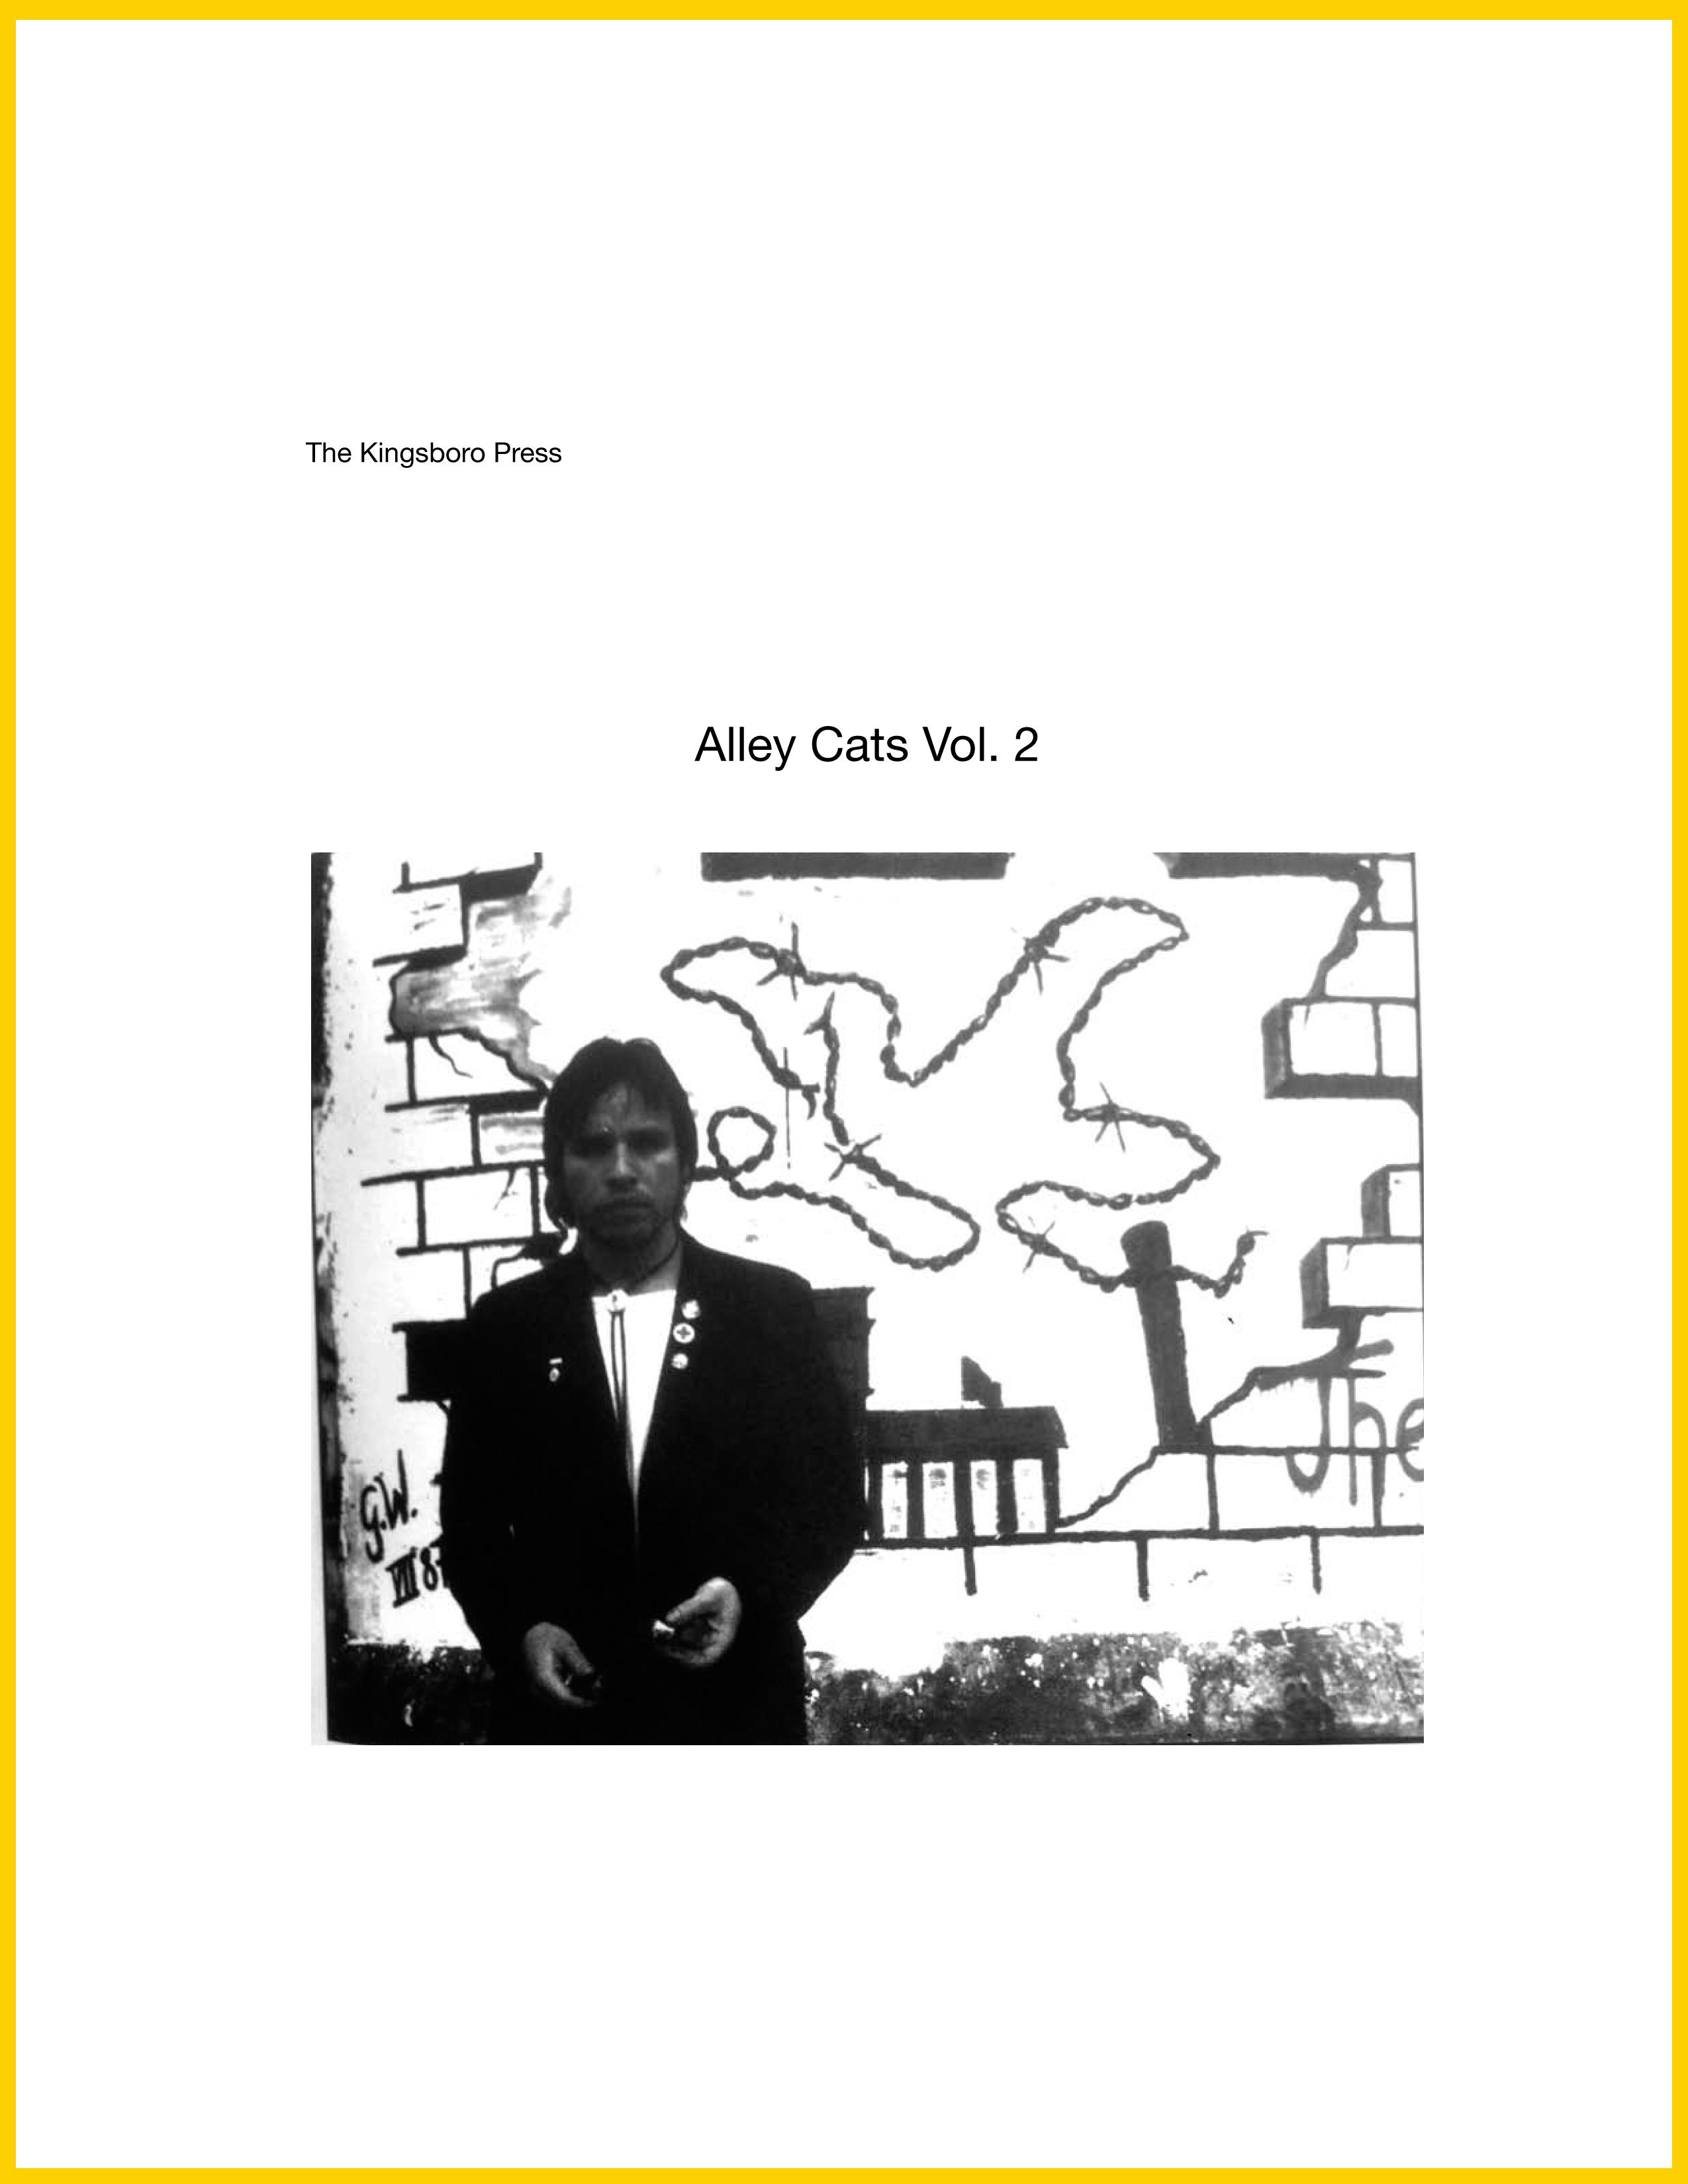 Alley Cats Vol. 2-